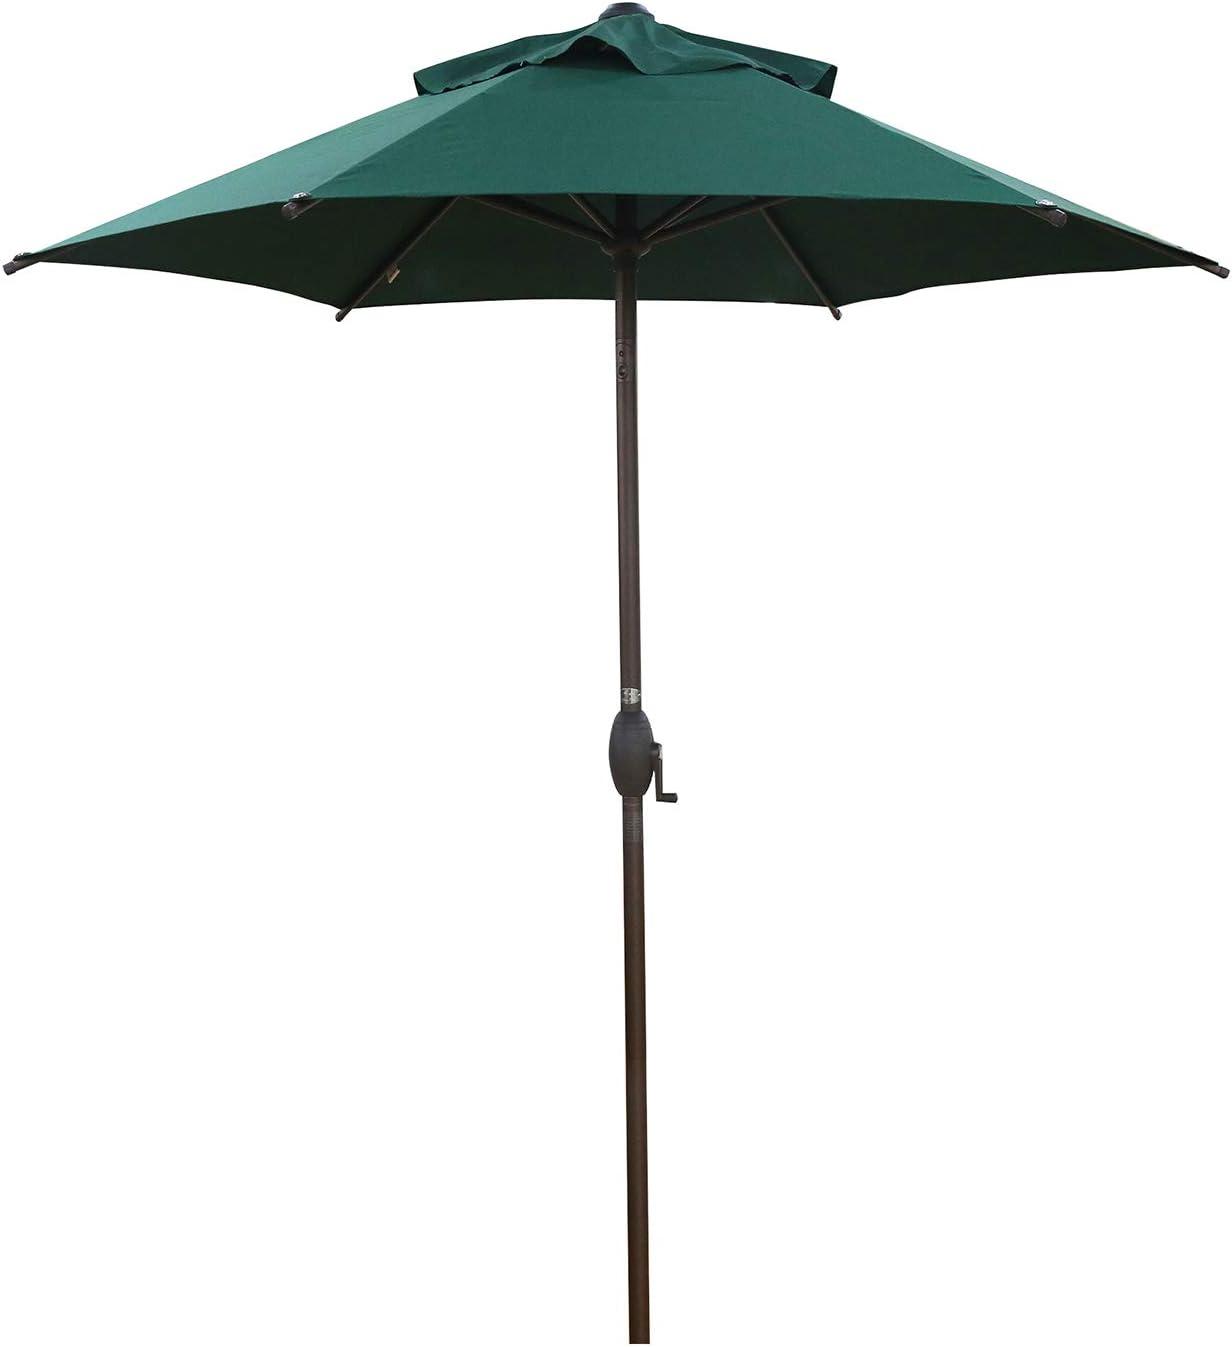 Abba Patio 7.5' Patio Umbrella Market Umbrella Outdoor Table Umbrella with Push Button Tilt & Crank for Patio, Dark Green